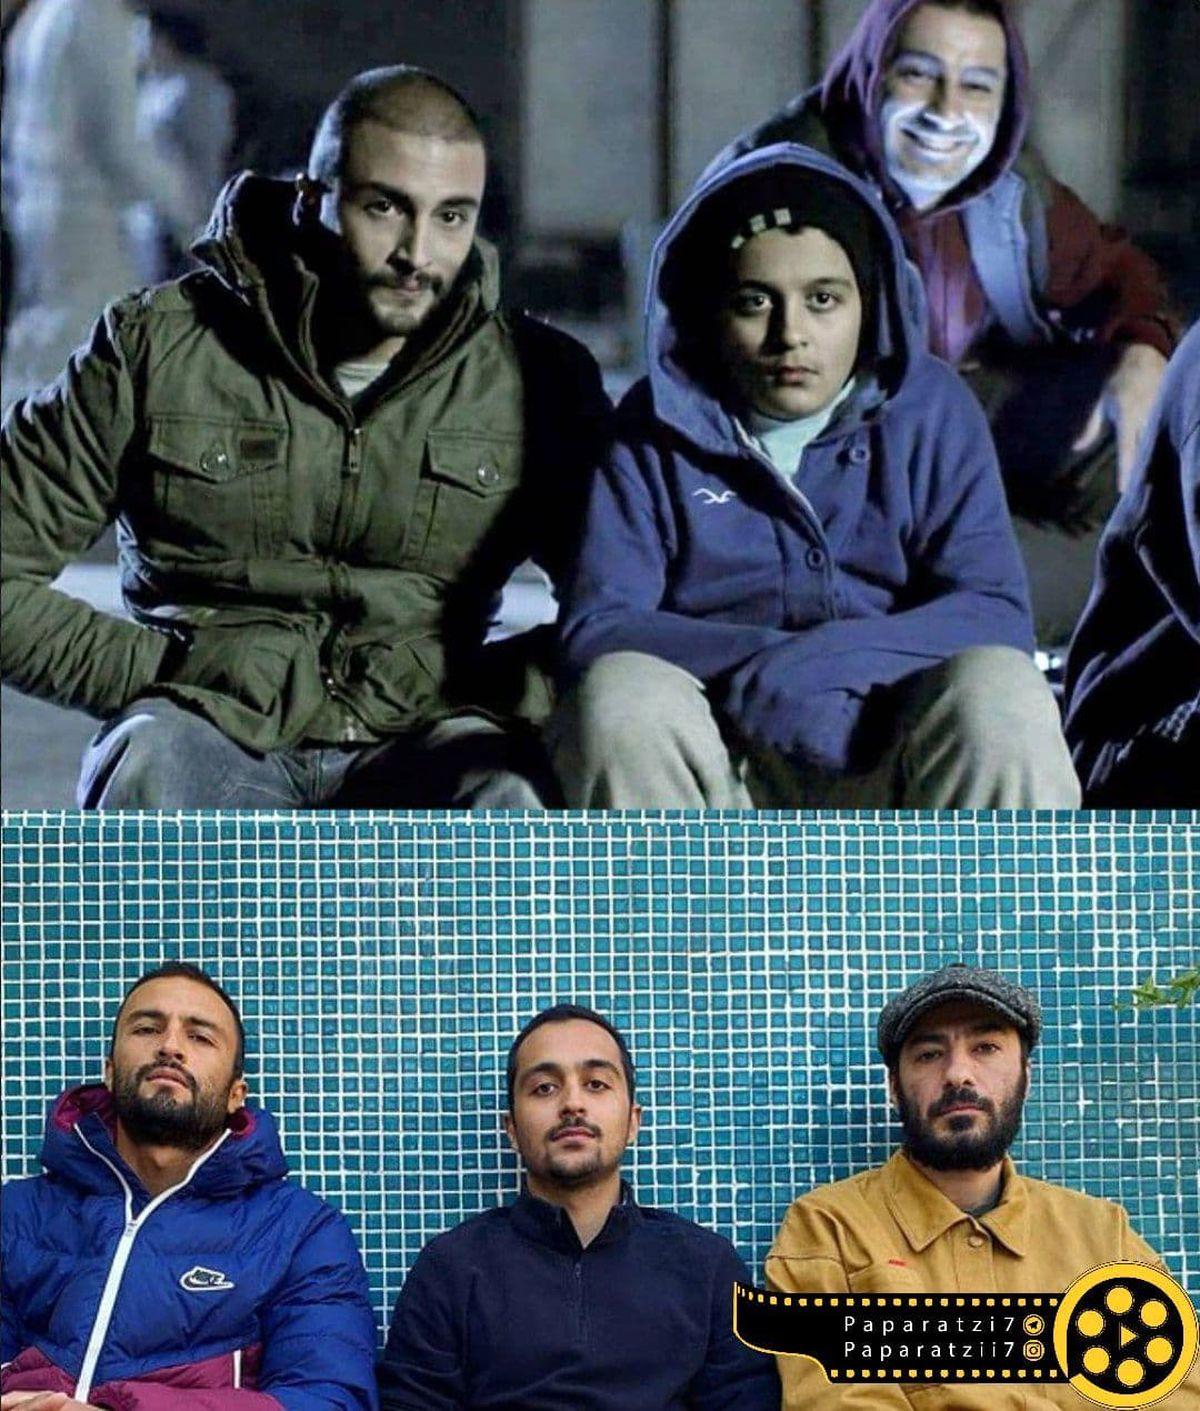 تصویری قدیمی و جدید از بازیگران فیلم سیزده(۱۳۹۱)